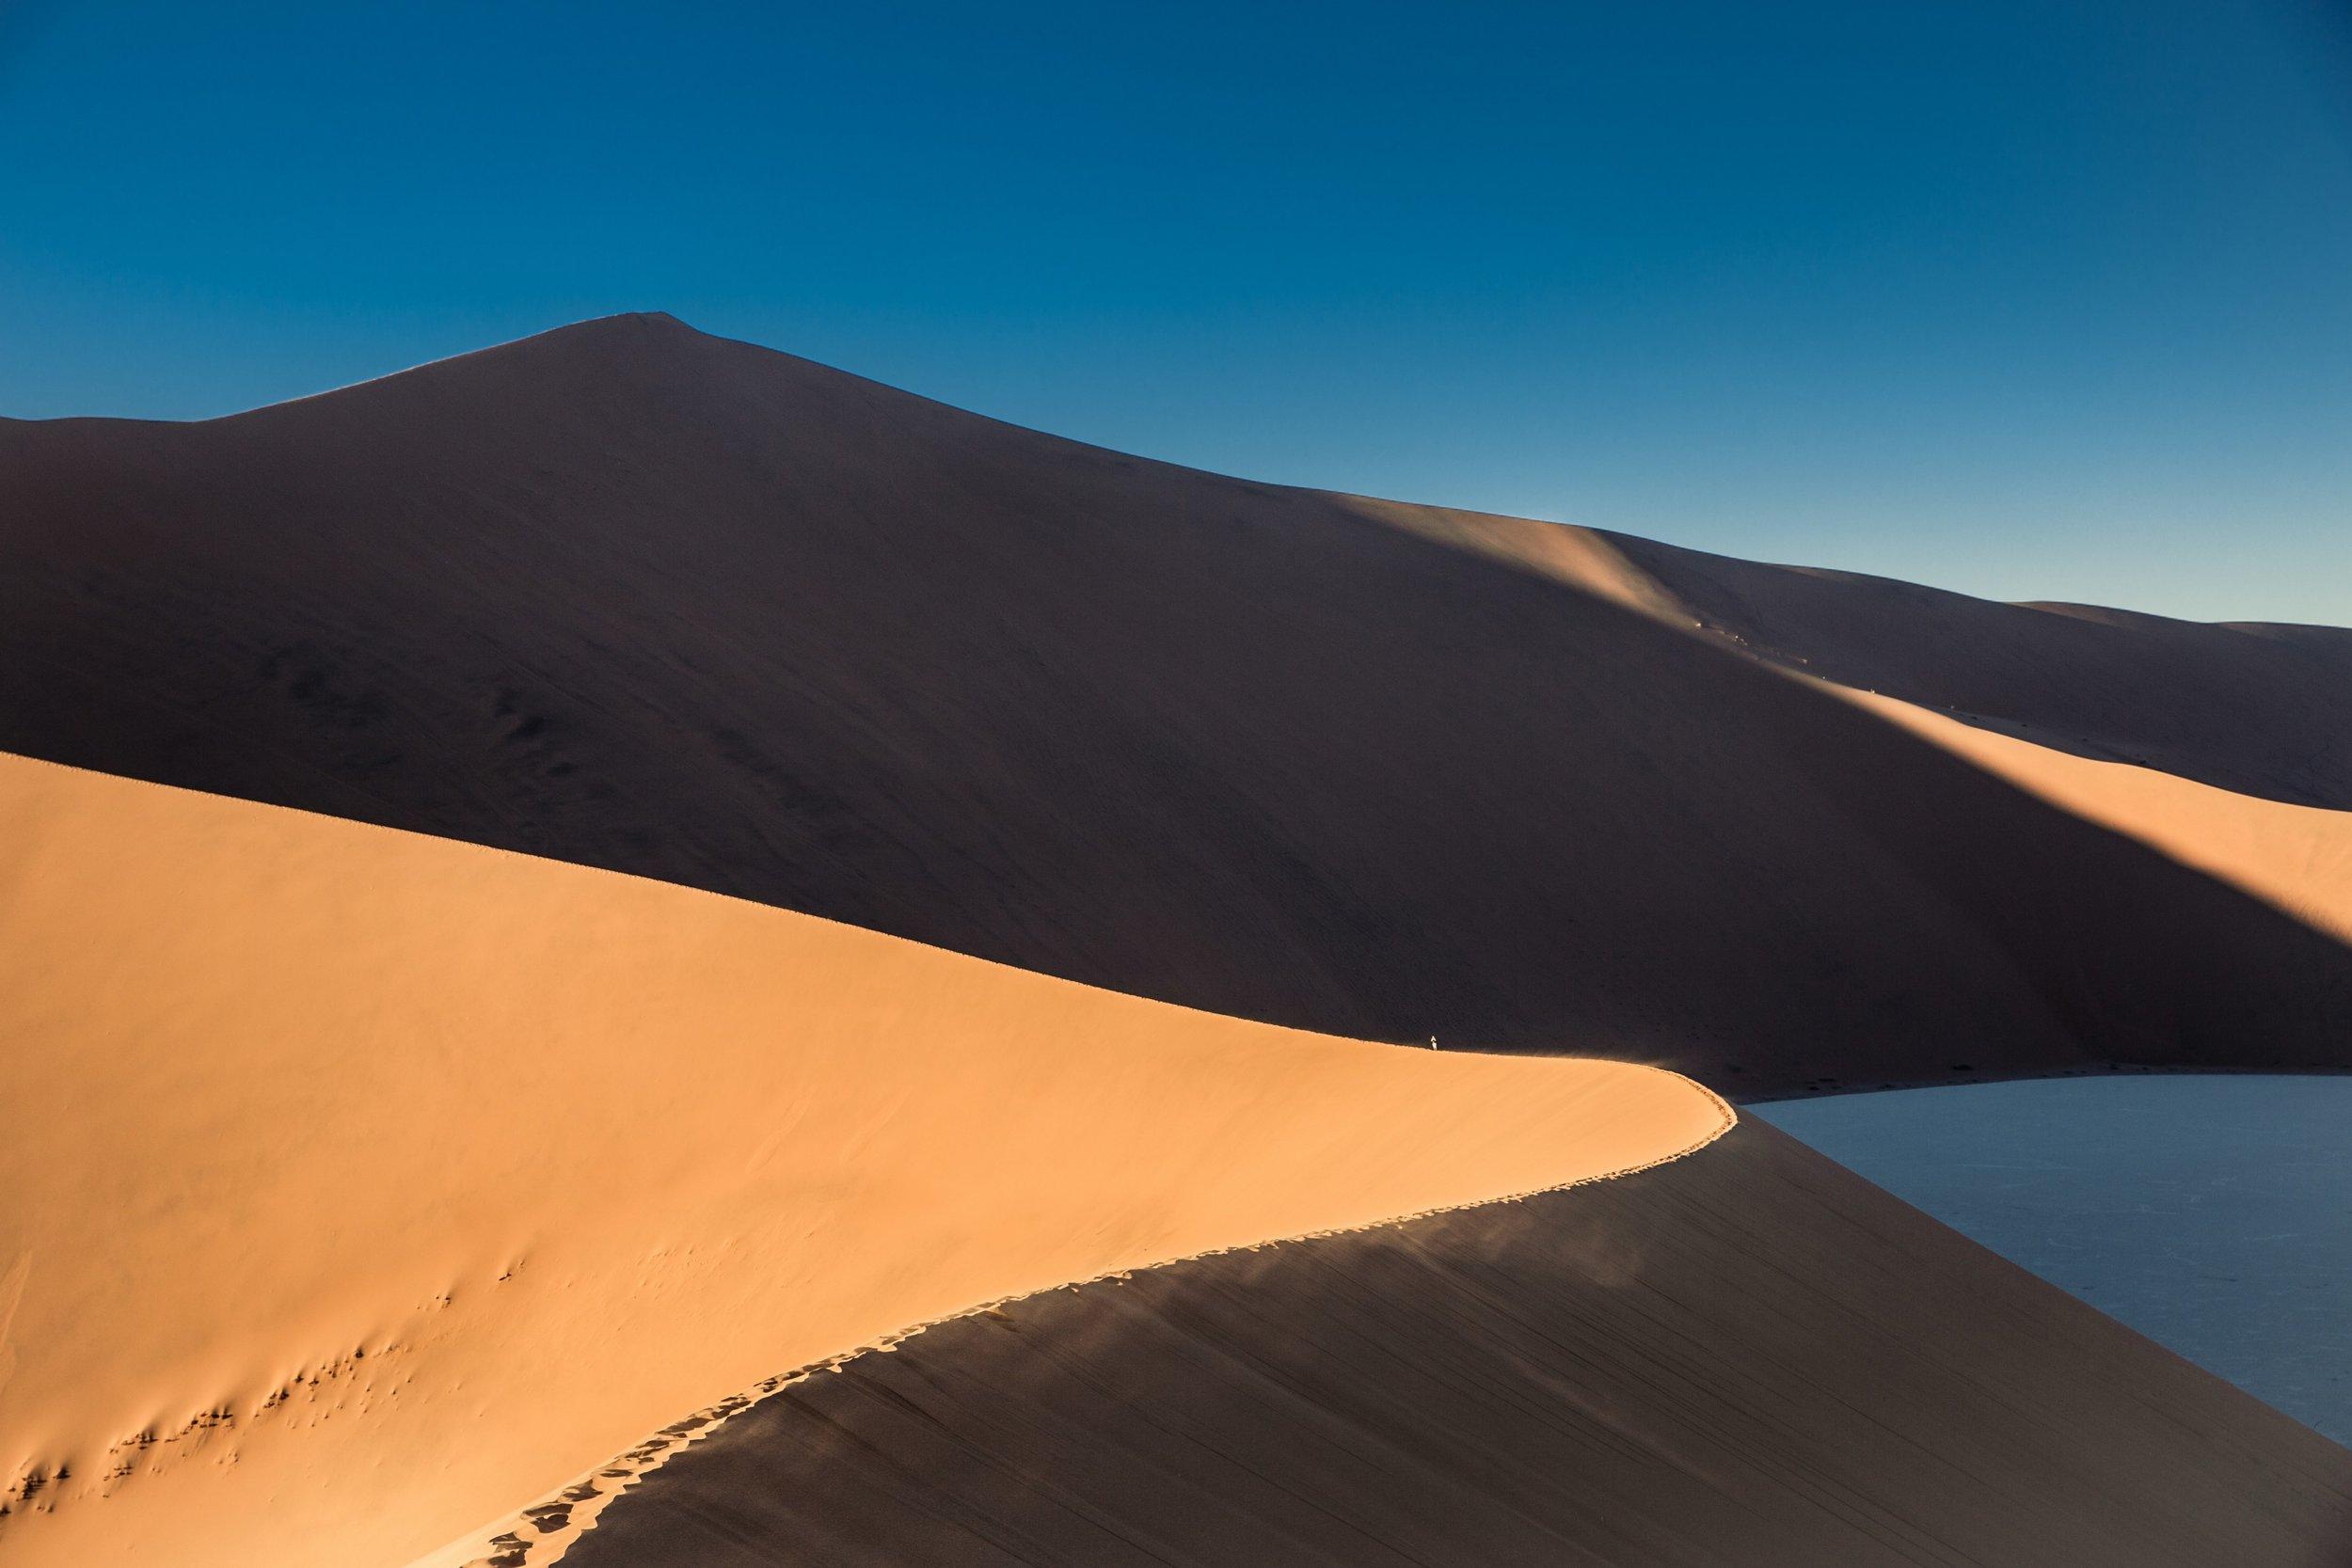 42278-sand-dunes-and-ridges-in-the-desert-at-sundown___sloping-sand.jpg